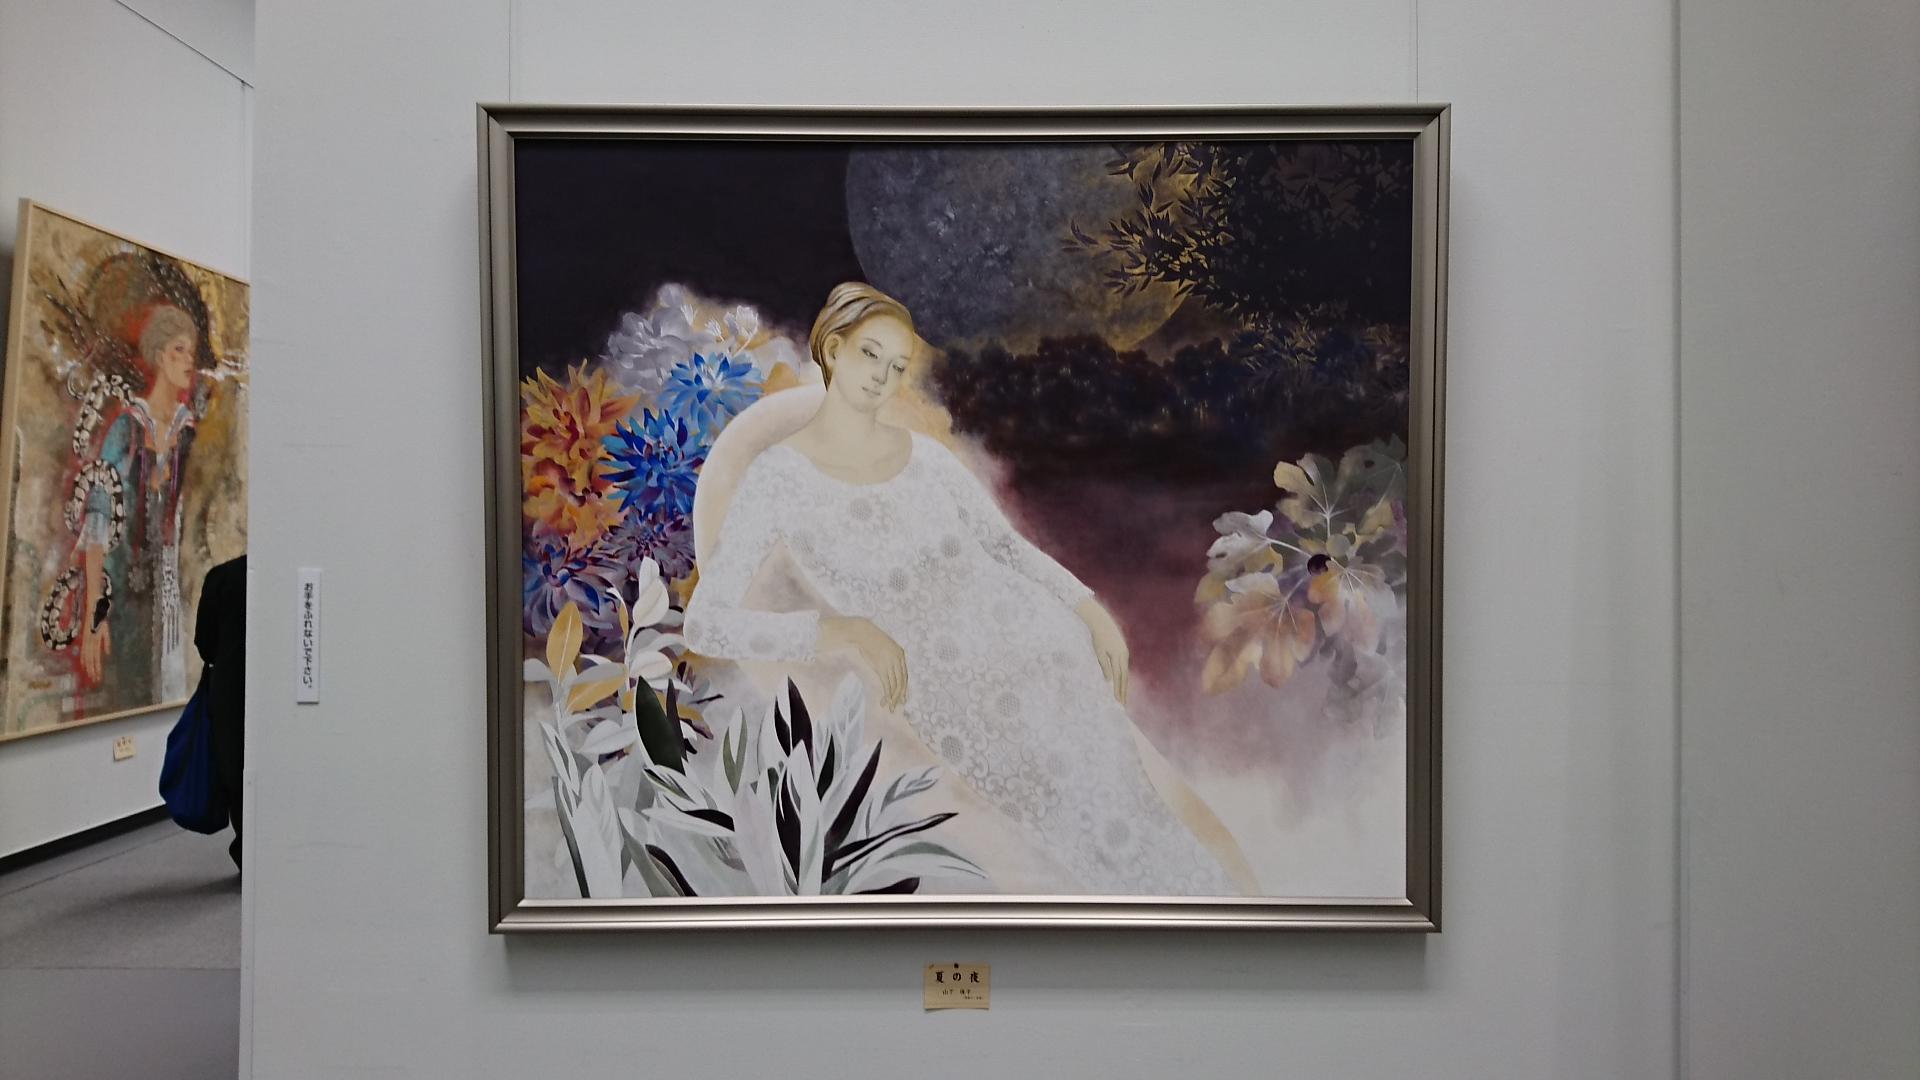 2019.2.8 日展 (3) なつのよる 1920-1080